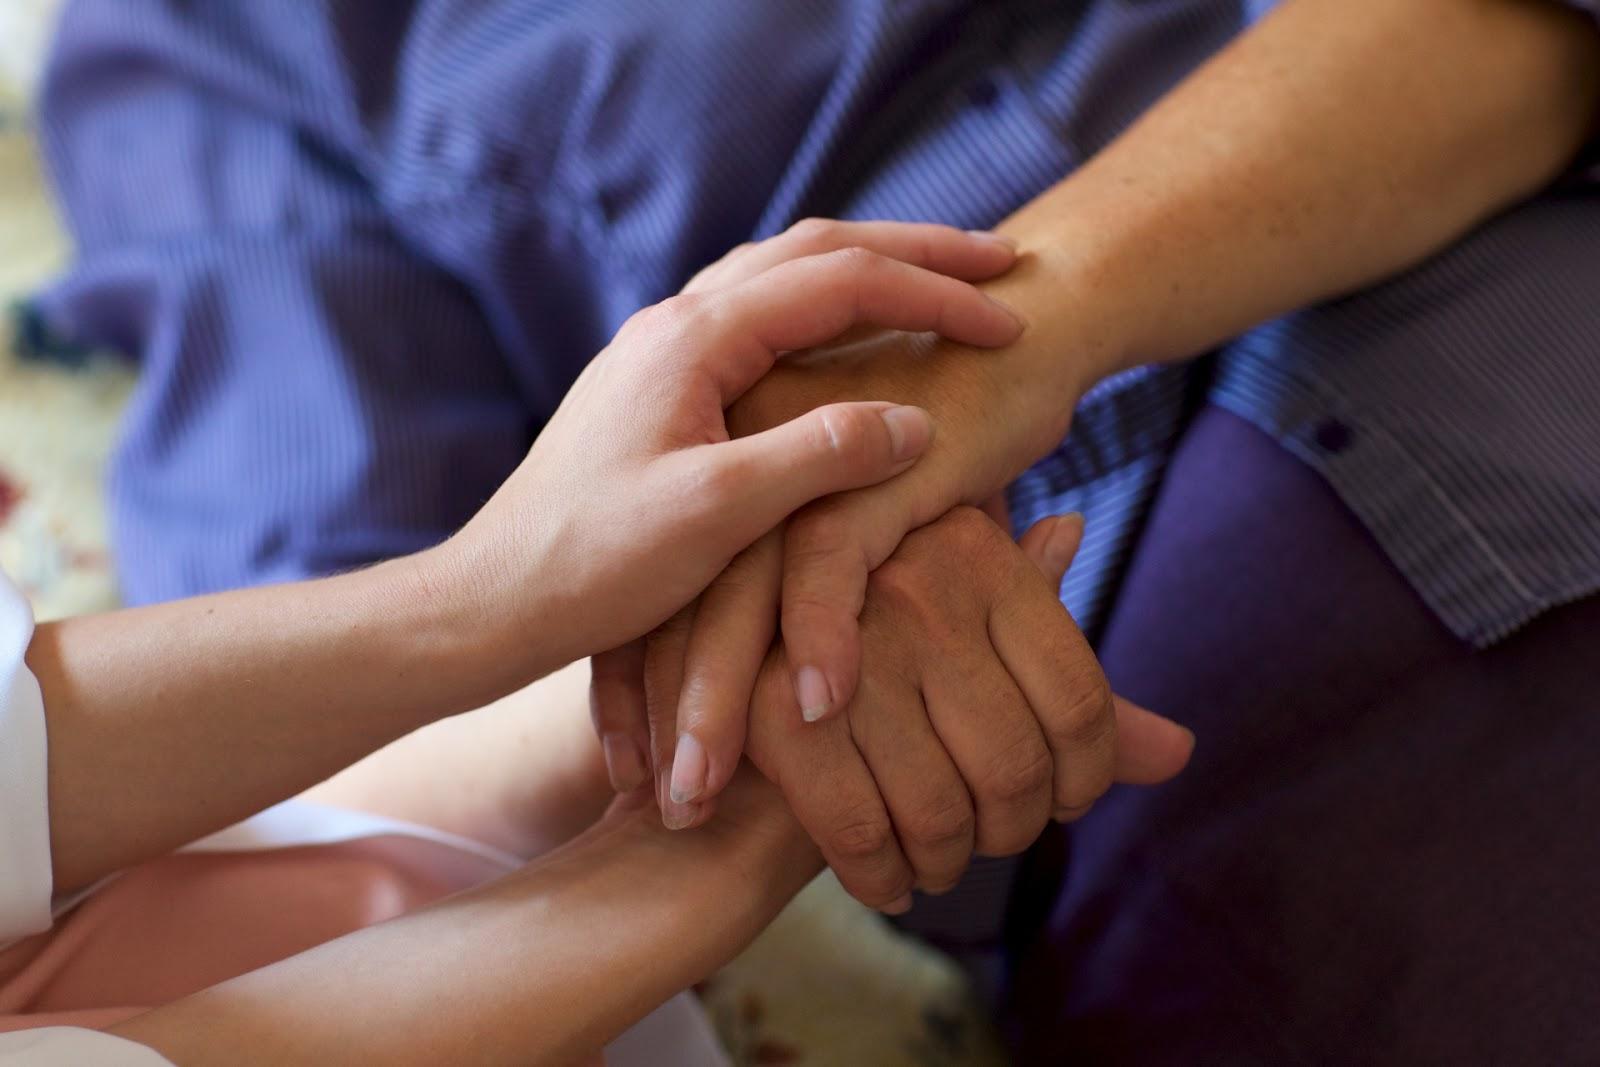 「尊厳死」とは?延命治療の意思表示や介護施設の終末期ケアについて